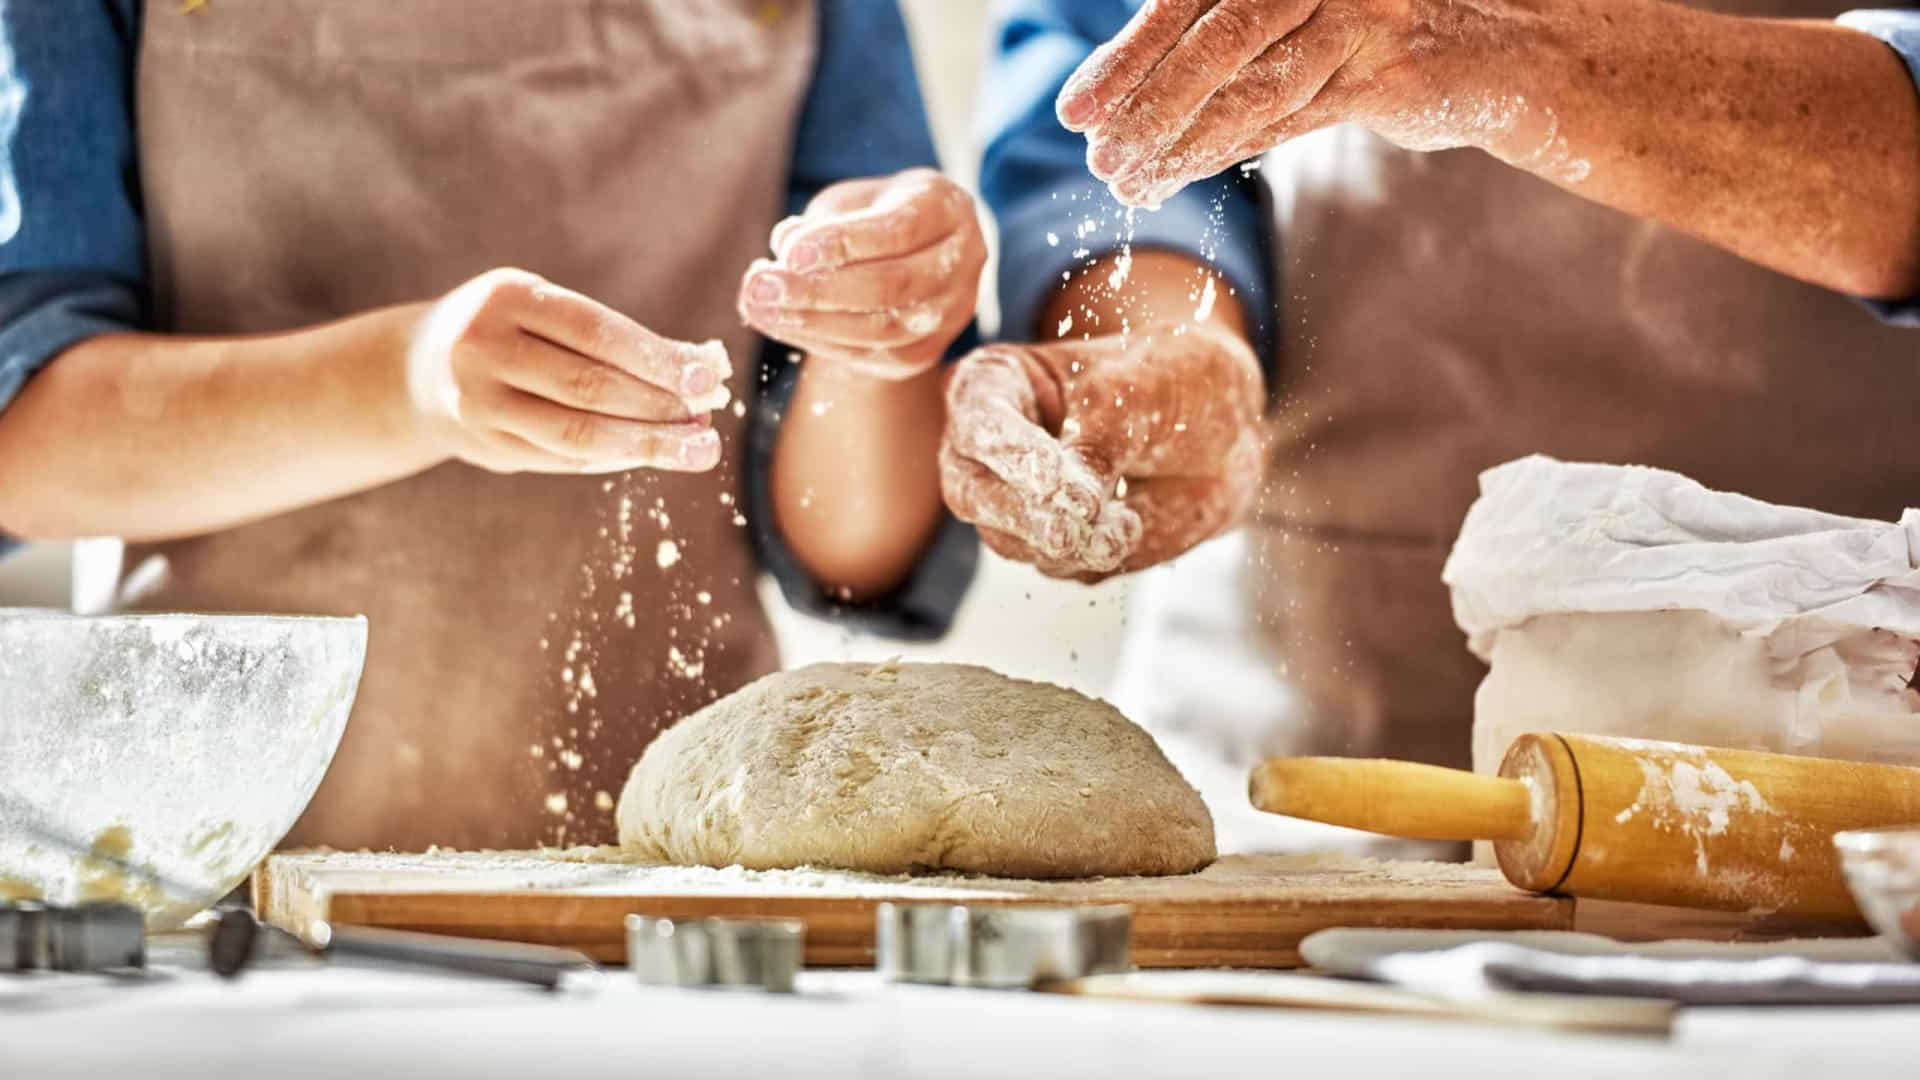 Cresce busca por cursos de gastronomia online e presenciais